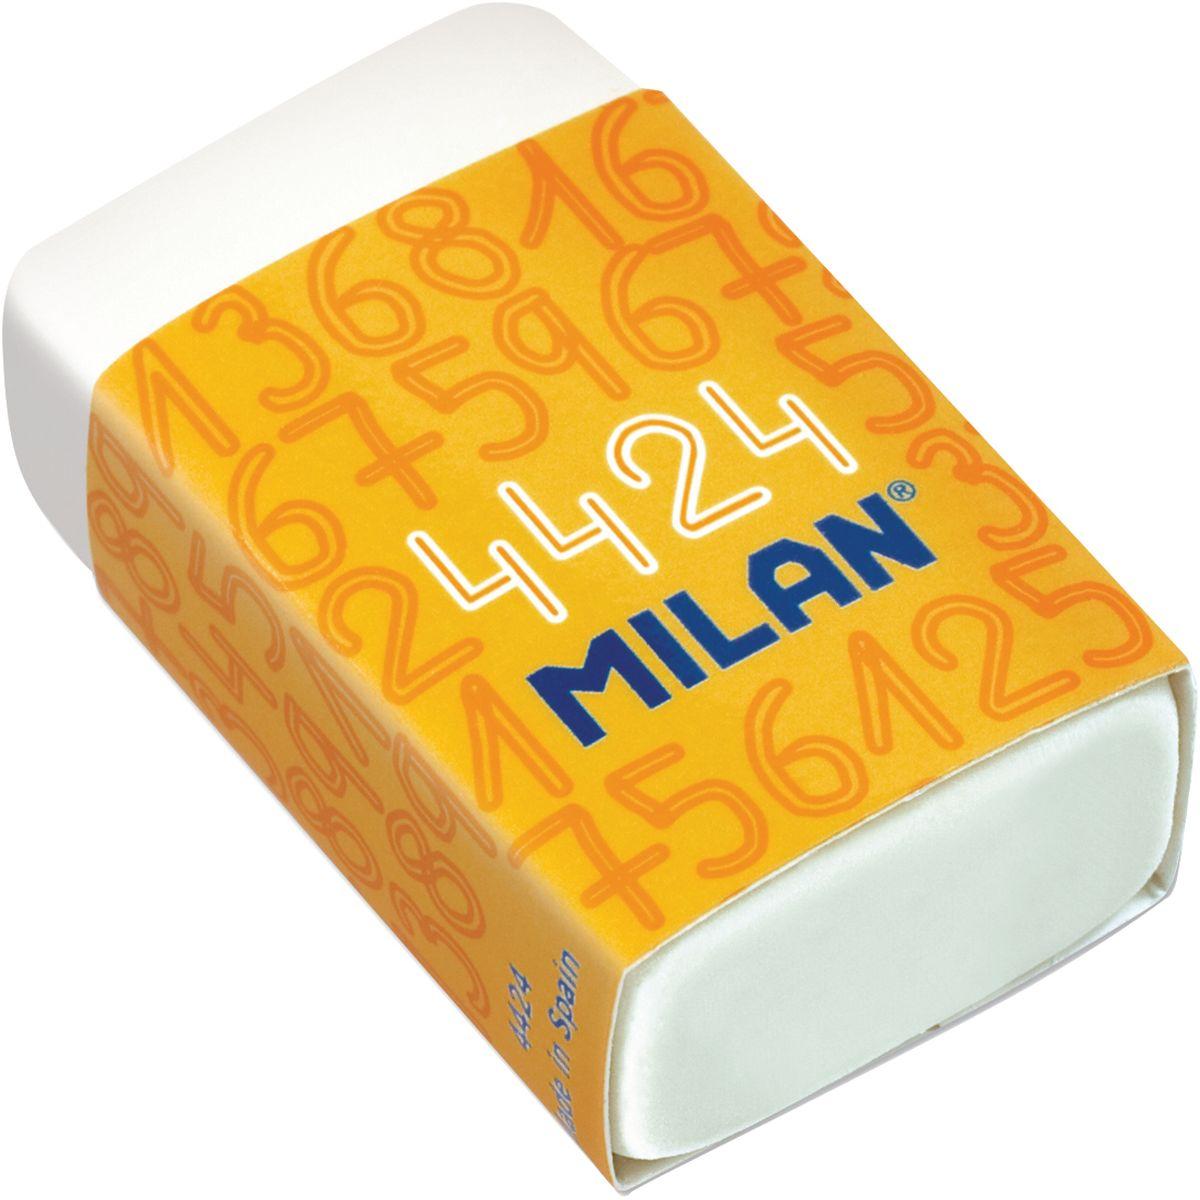 Milan Ластик 4424CMM4424Мягкий синтетический каучуковый ластик Milan подходит для удаления штрихов от большинства графитовых карандашей на всех видах поверхностей.